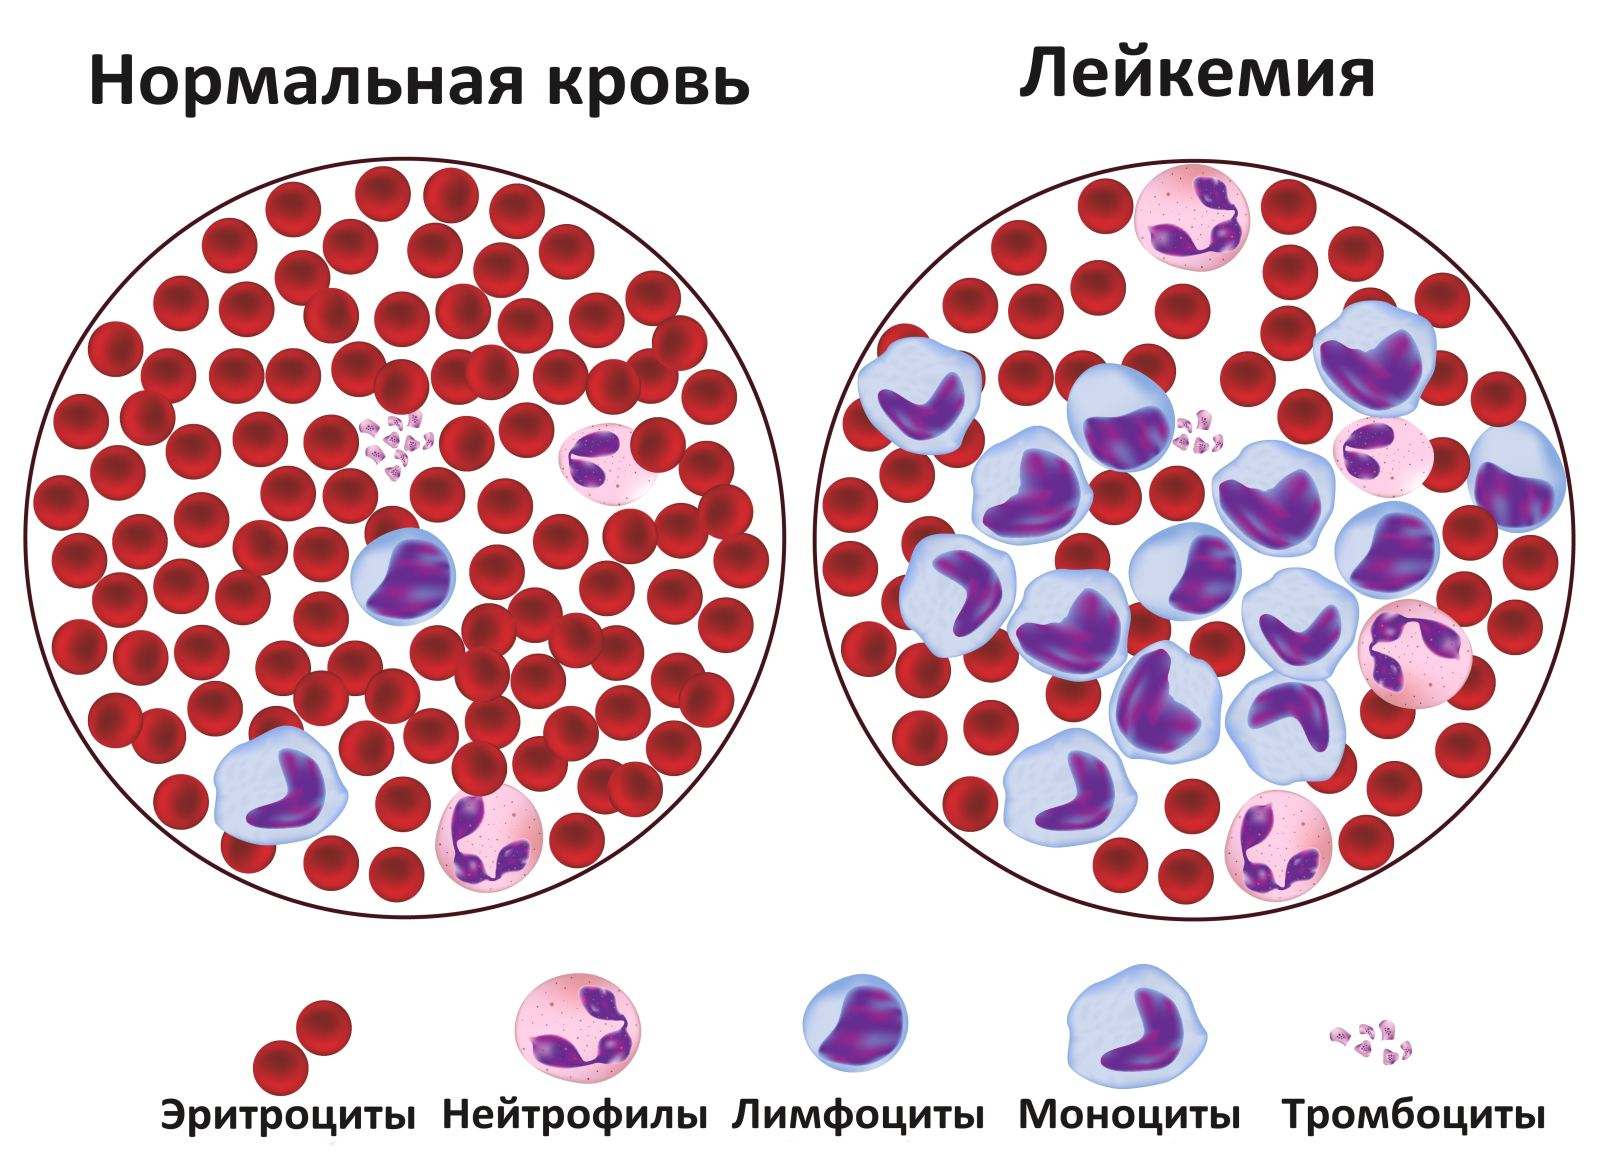 Лейкемия: симптомы причины диагностика лечение, виды лейкоза